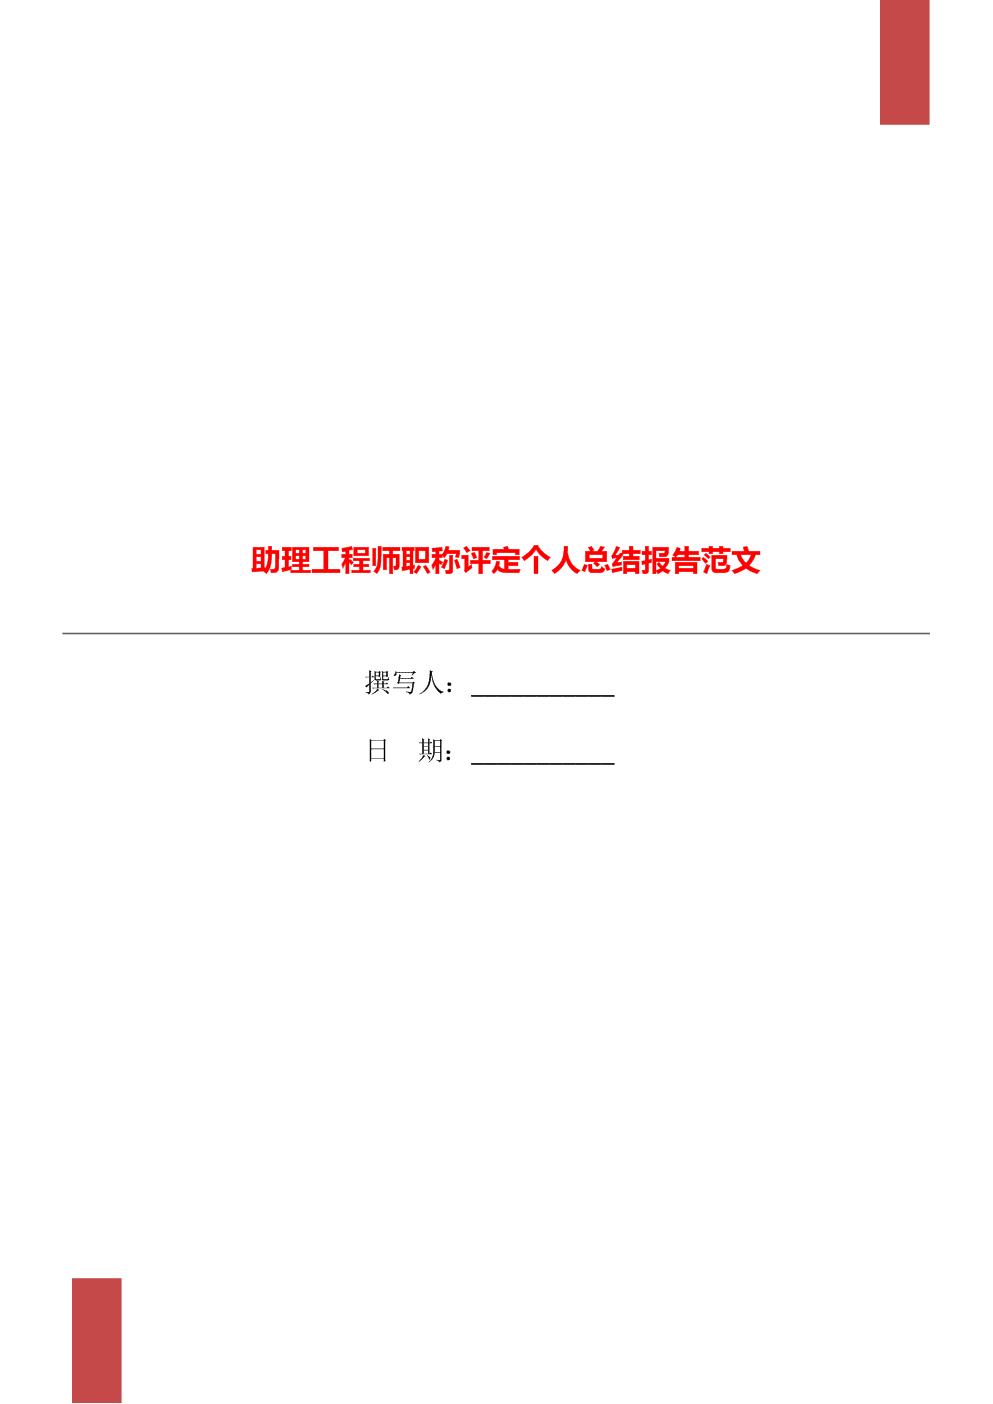 助理工程师职称评定个人总结报告范文.doc